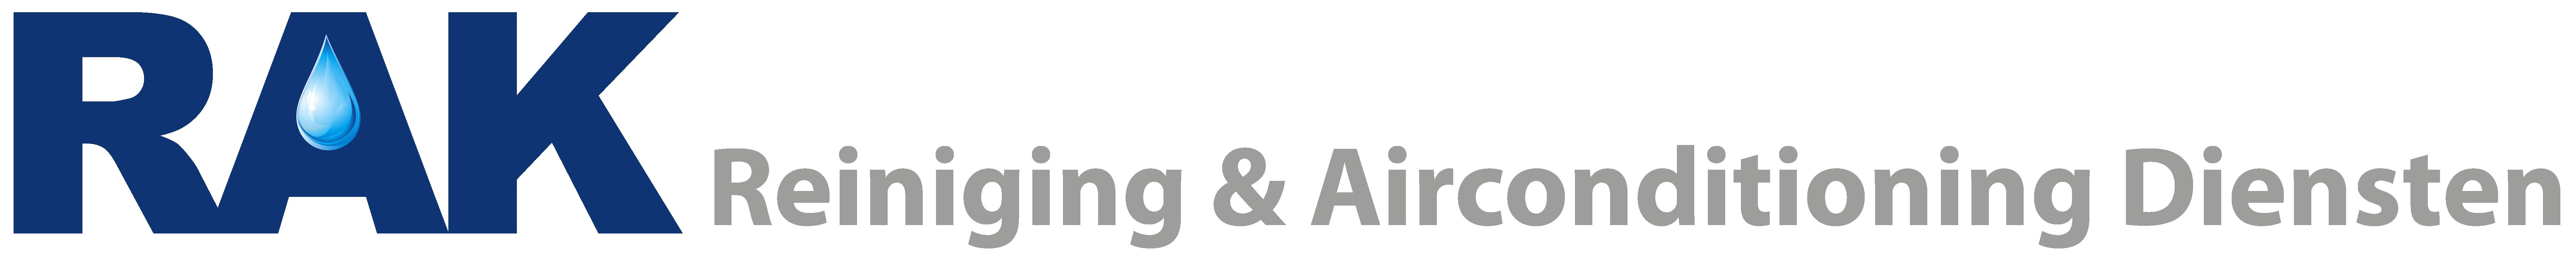 RAK - Reinigings en Airconditioning